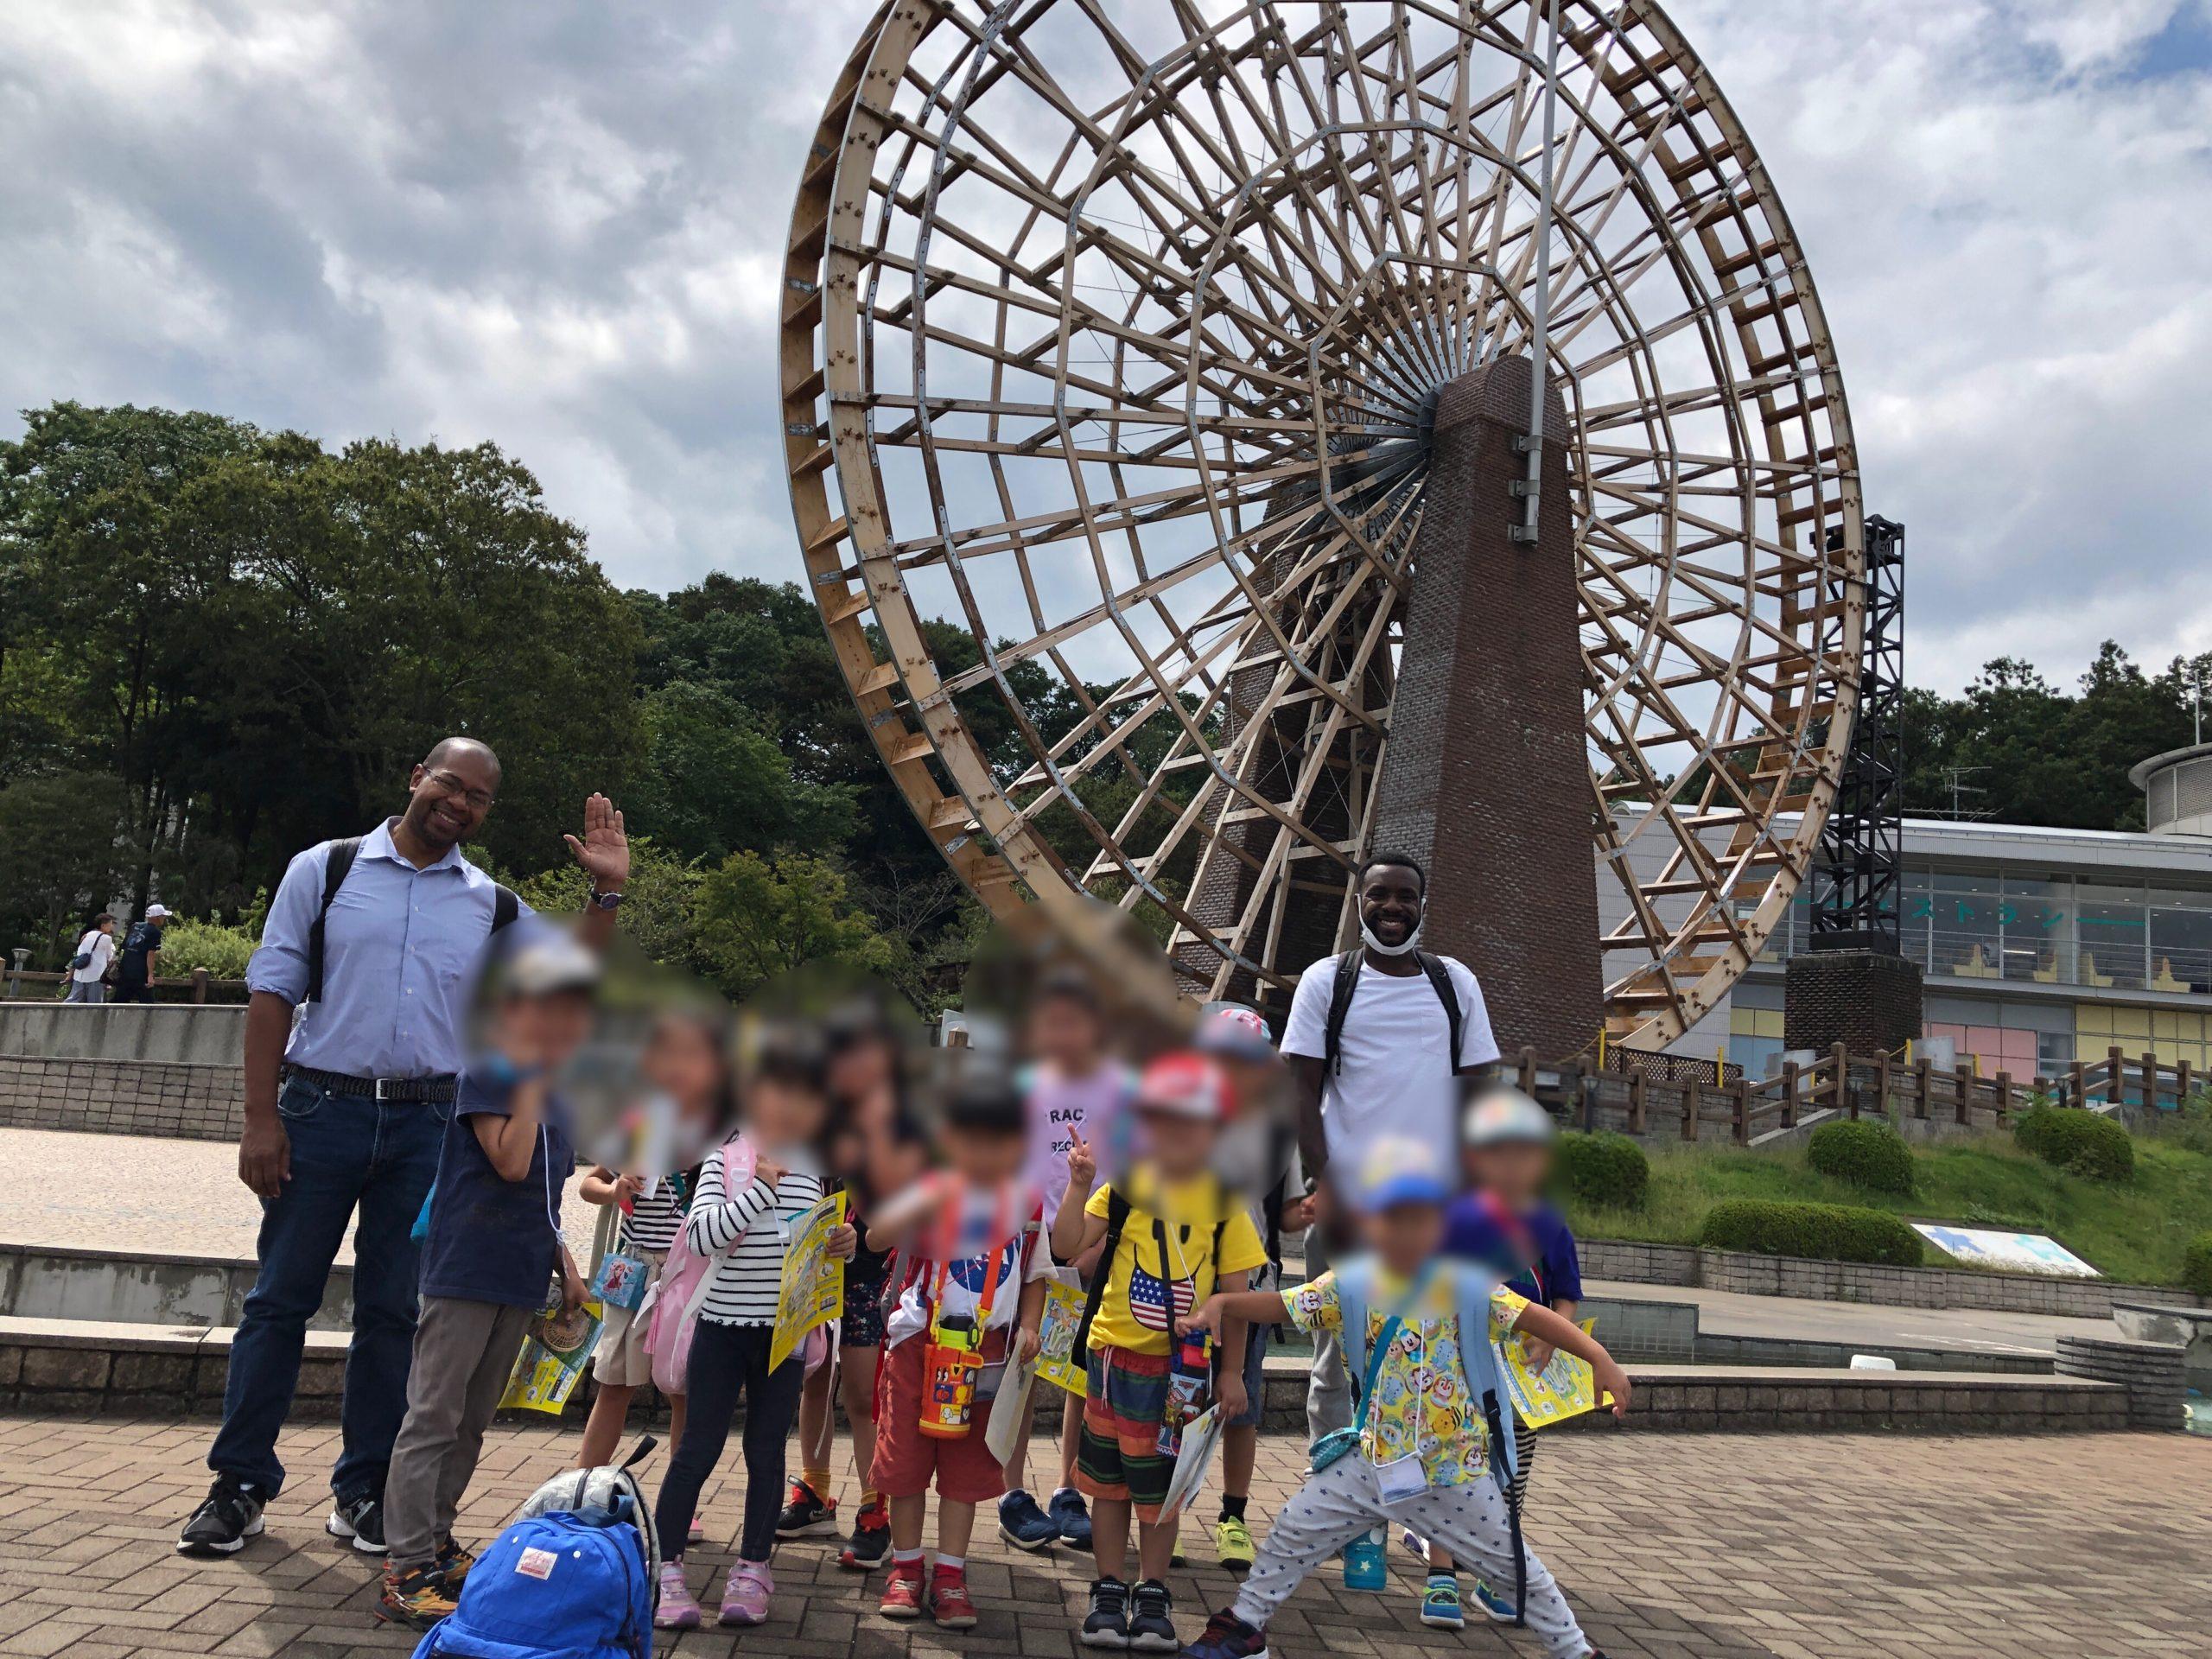 外国人スタッフと埼玉川の博物館への体験学習を楽しんできました!